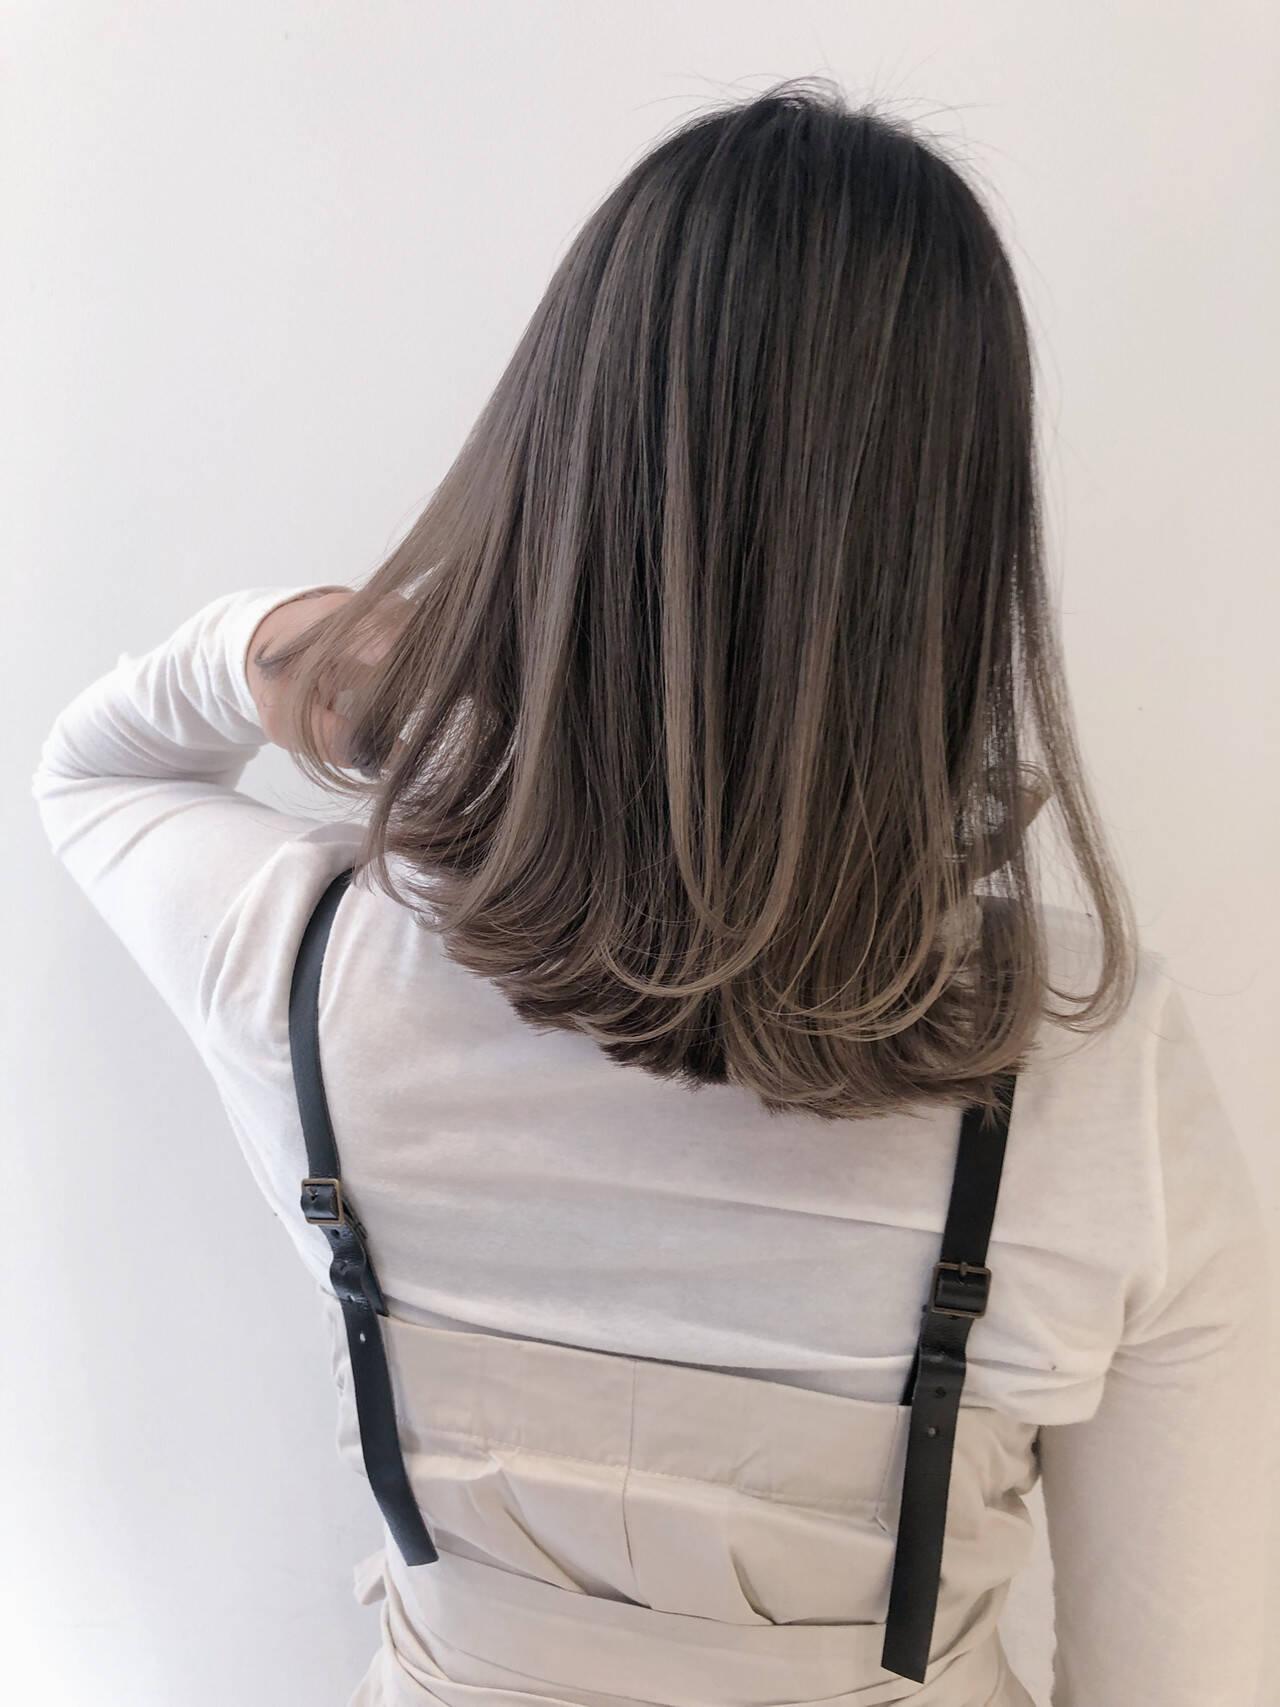 ミルクティーベージュ ピンクラベンダー ヌーディベージュ ナチュラルヘアスタイルや髪型の写真・画像